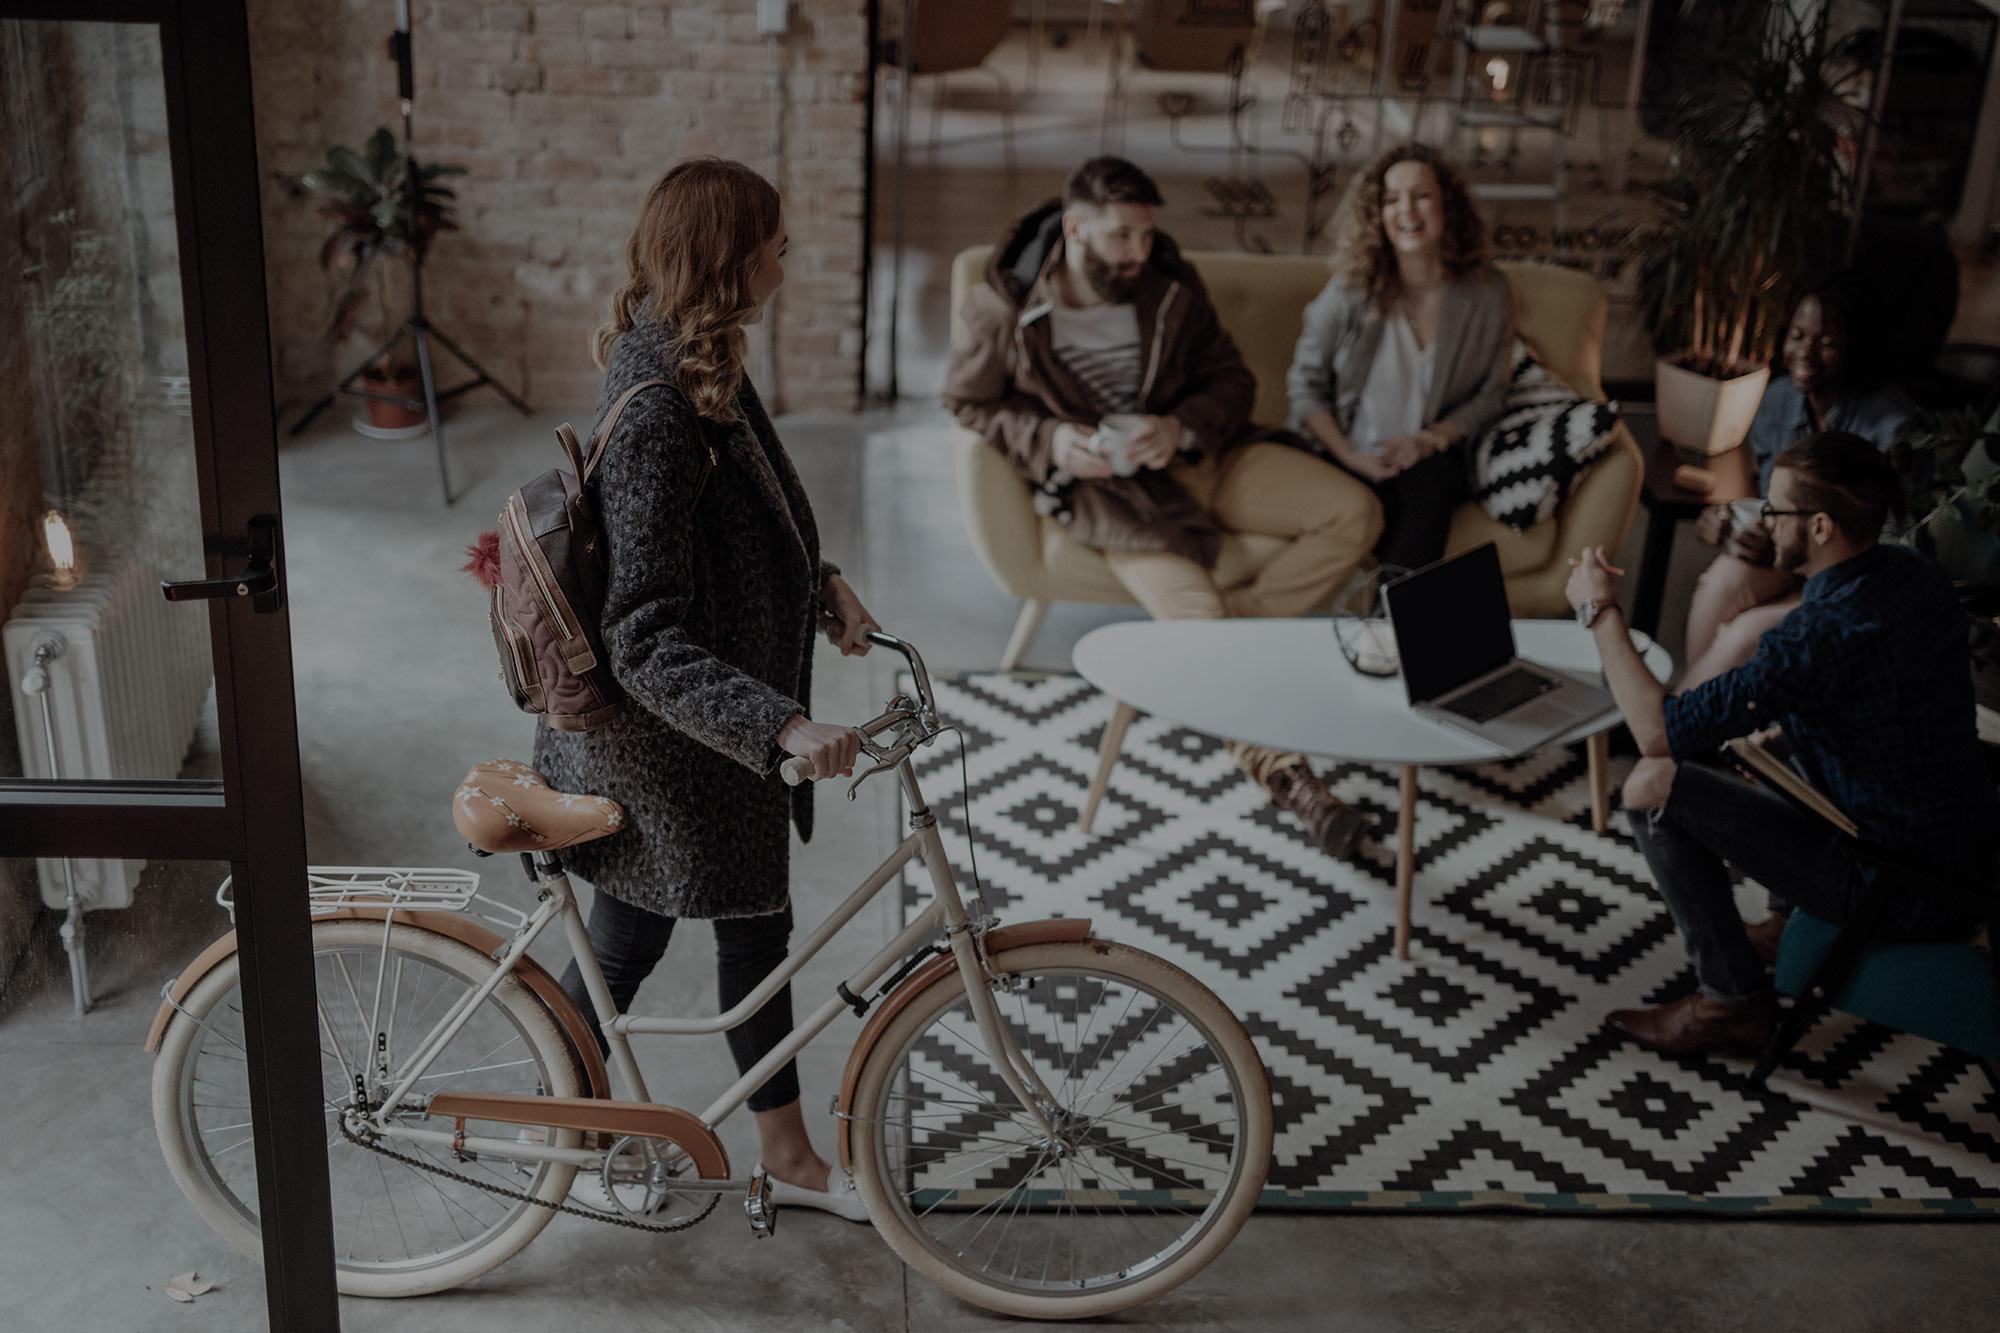 femme vélo dans entrée